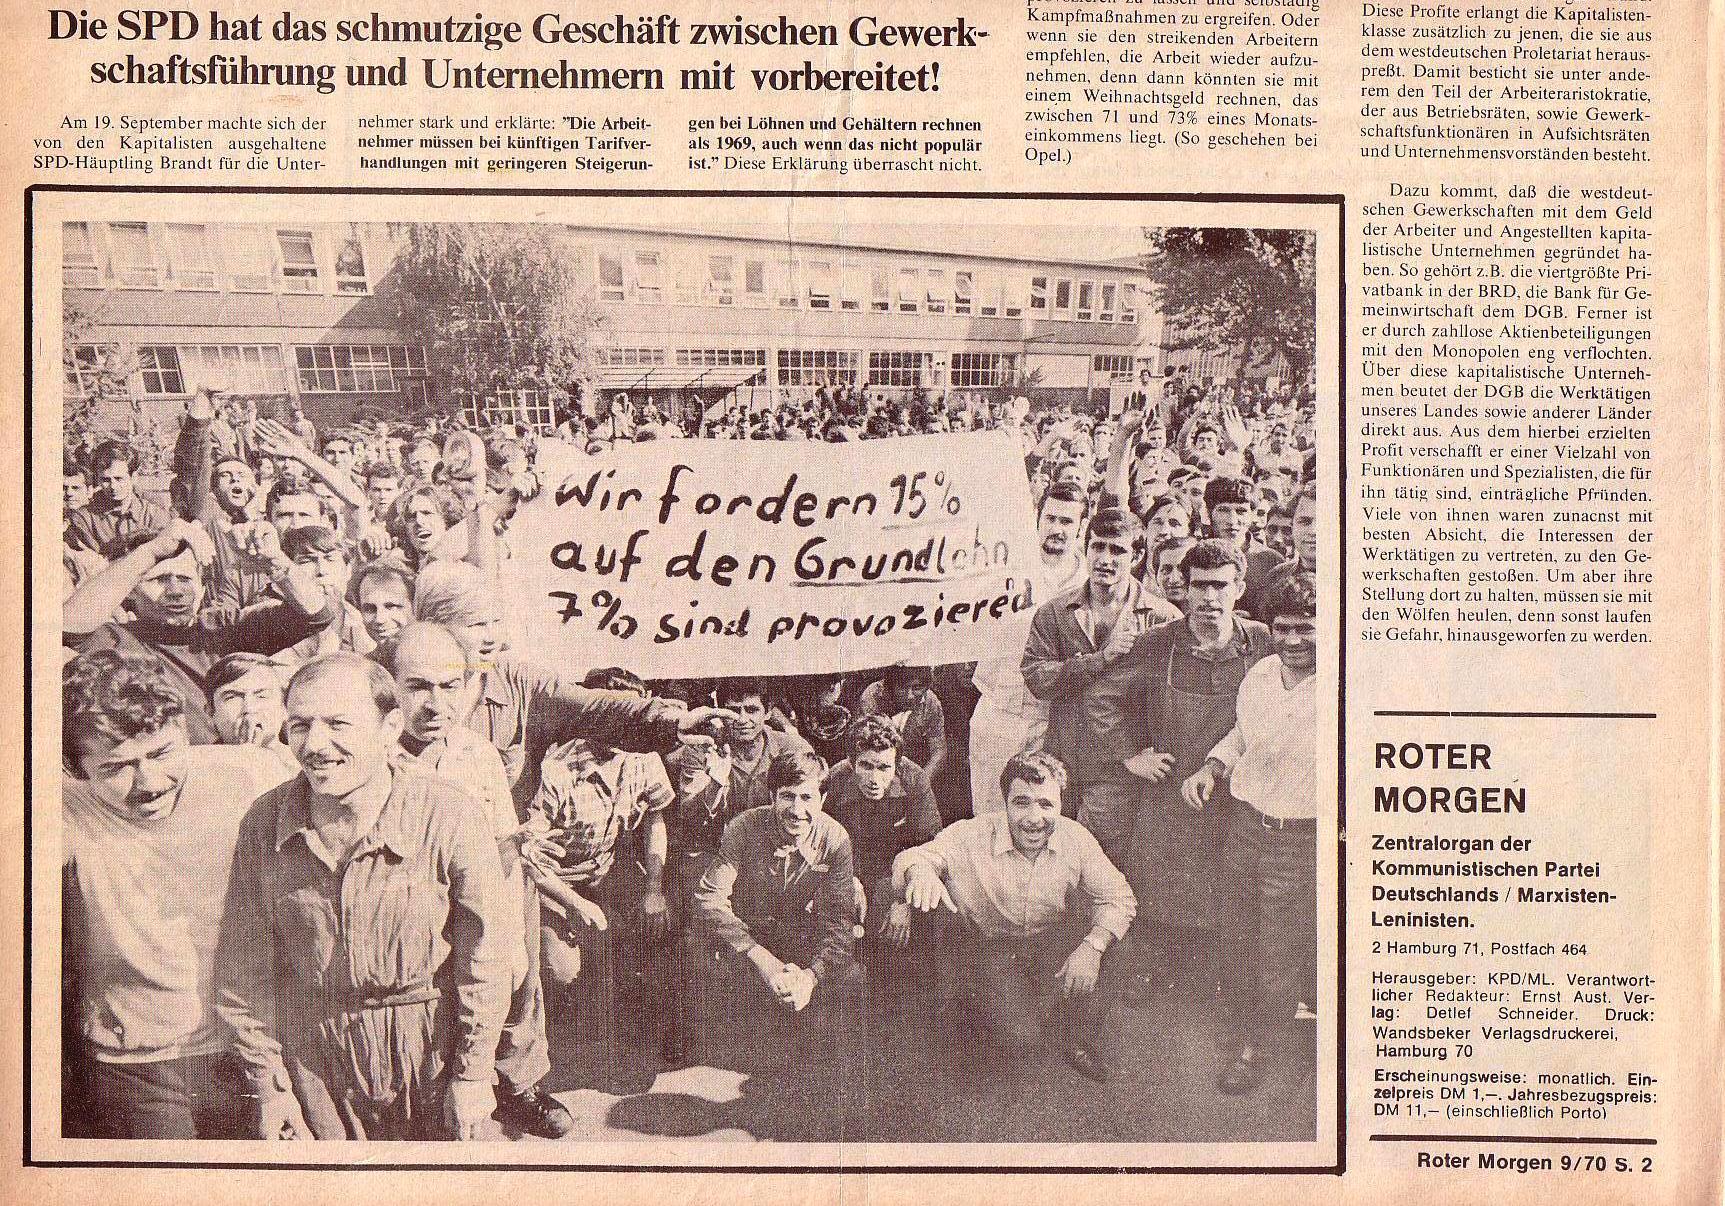 Roter Morgen, 4. Jg., Oktober 1970, Nr. 9, Seite 2b